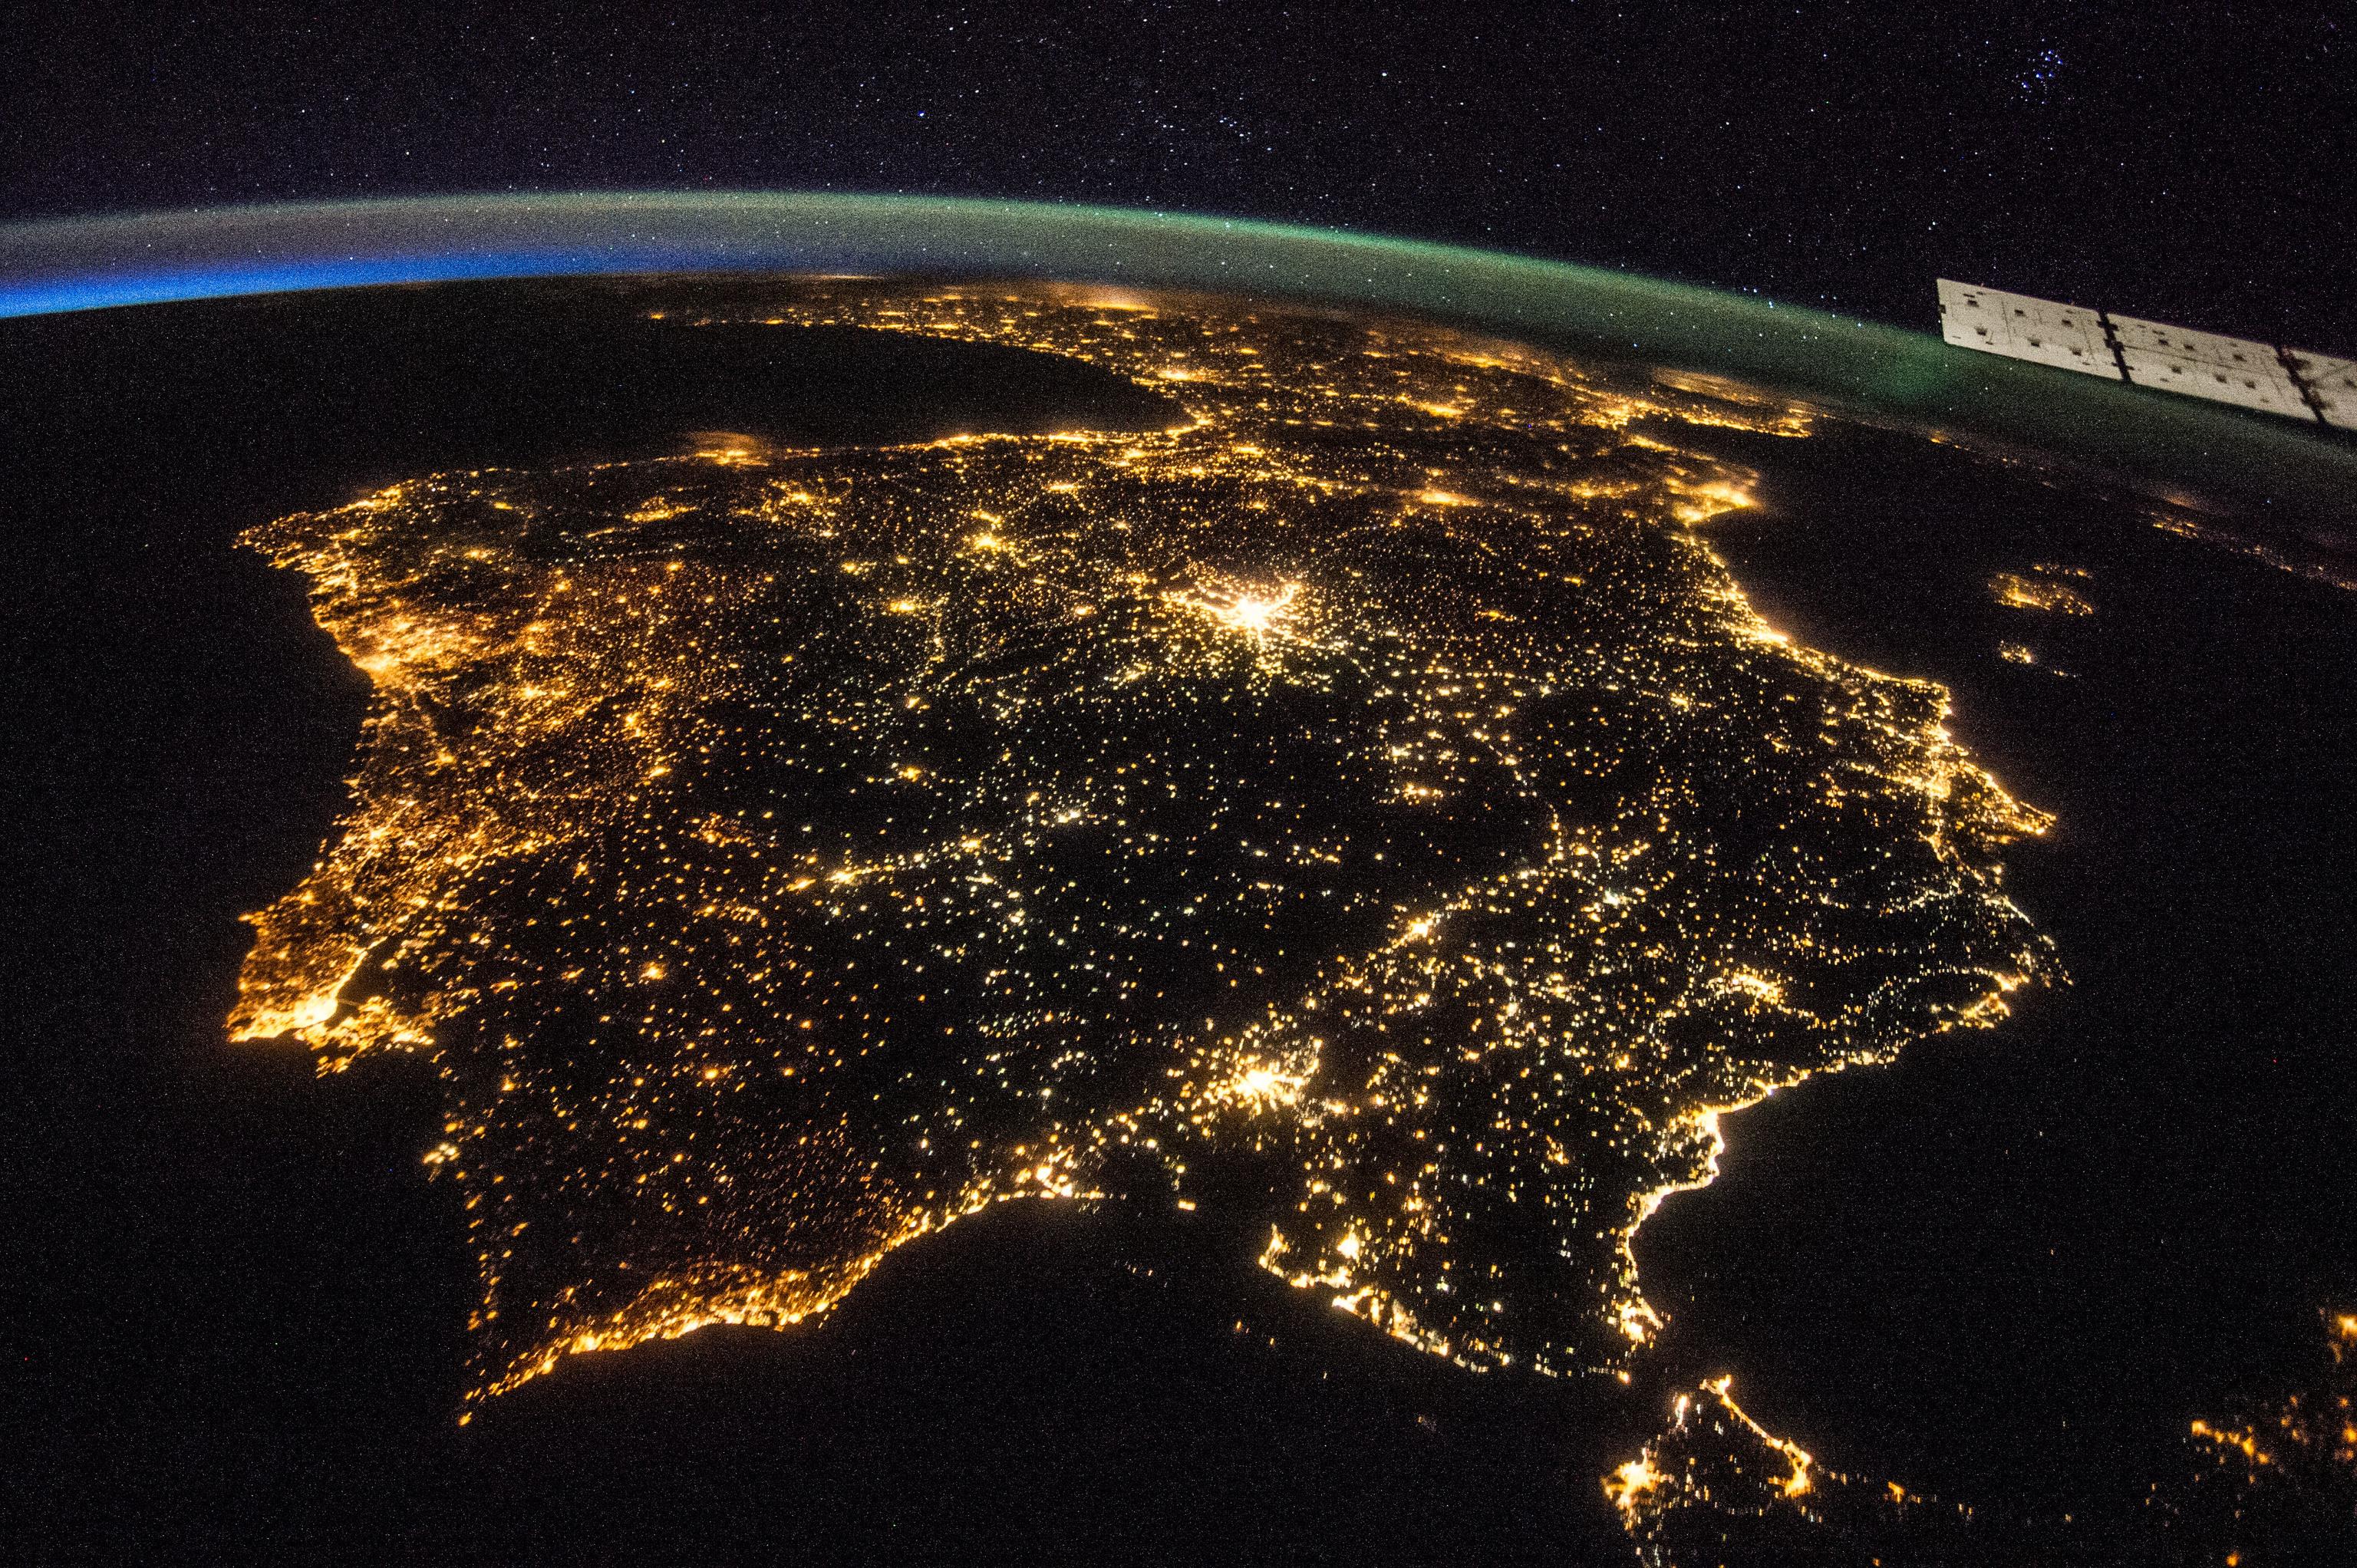 La Península Ibérica de noche desde la Estación Espacial